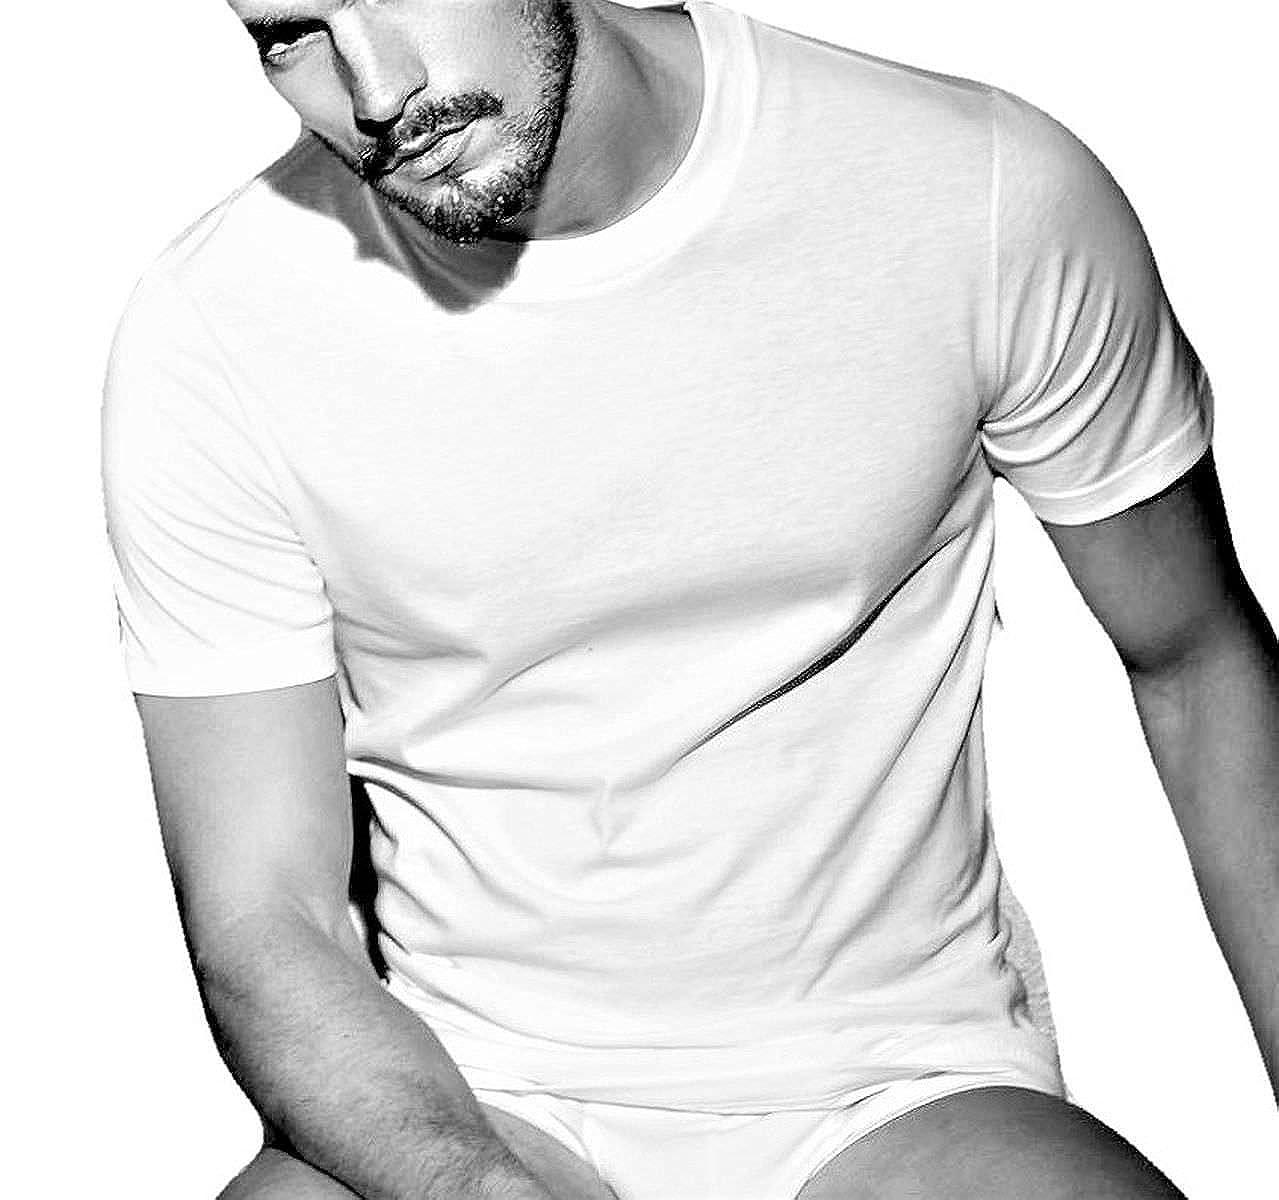 Enrico Coveri Confezione da N Disponibile nel Colore Bianco. 2 Maglia Uomo Girocollo Alto Mezza Manica Underwear Cotone Pettinato